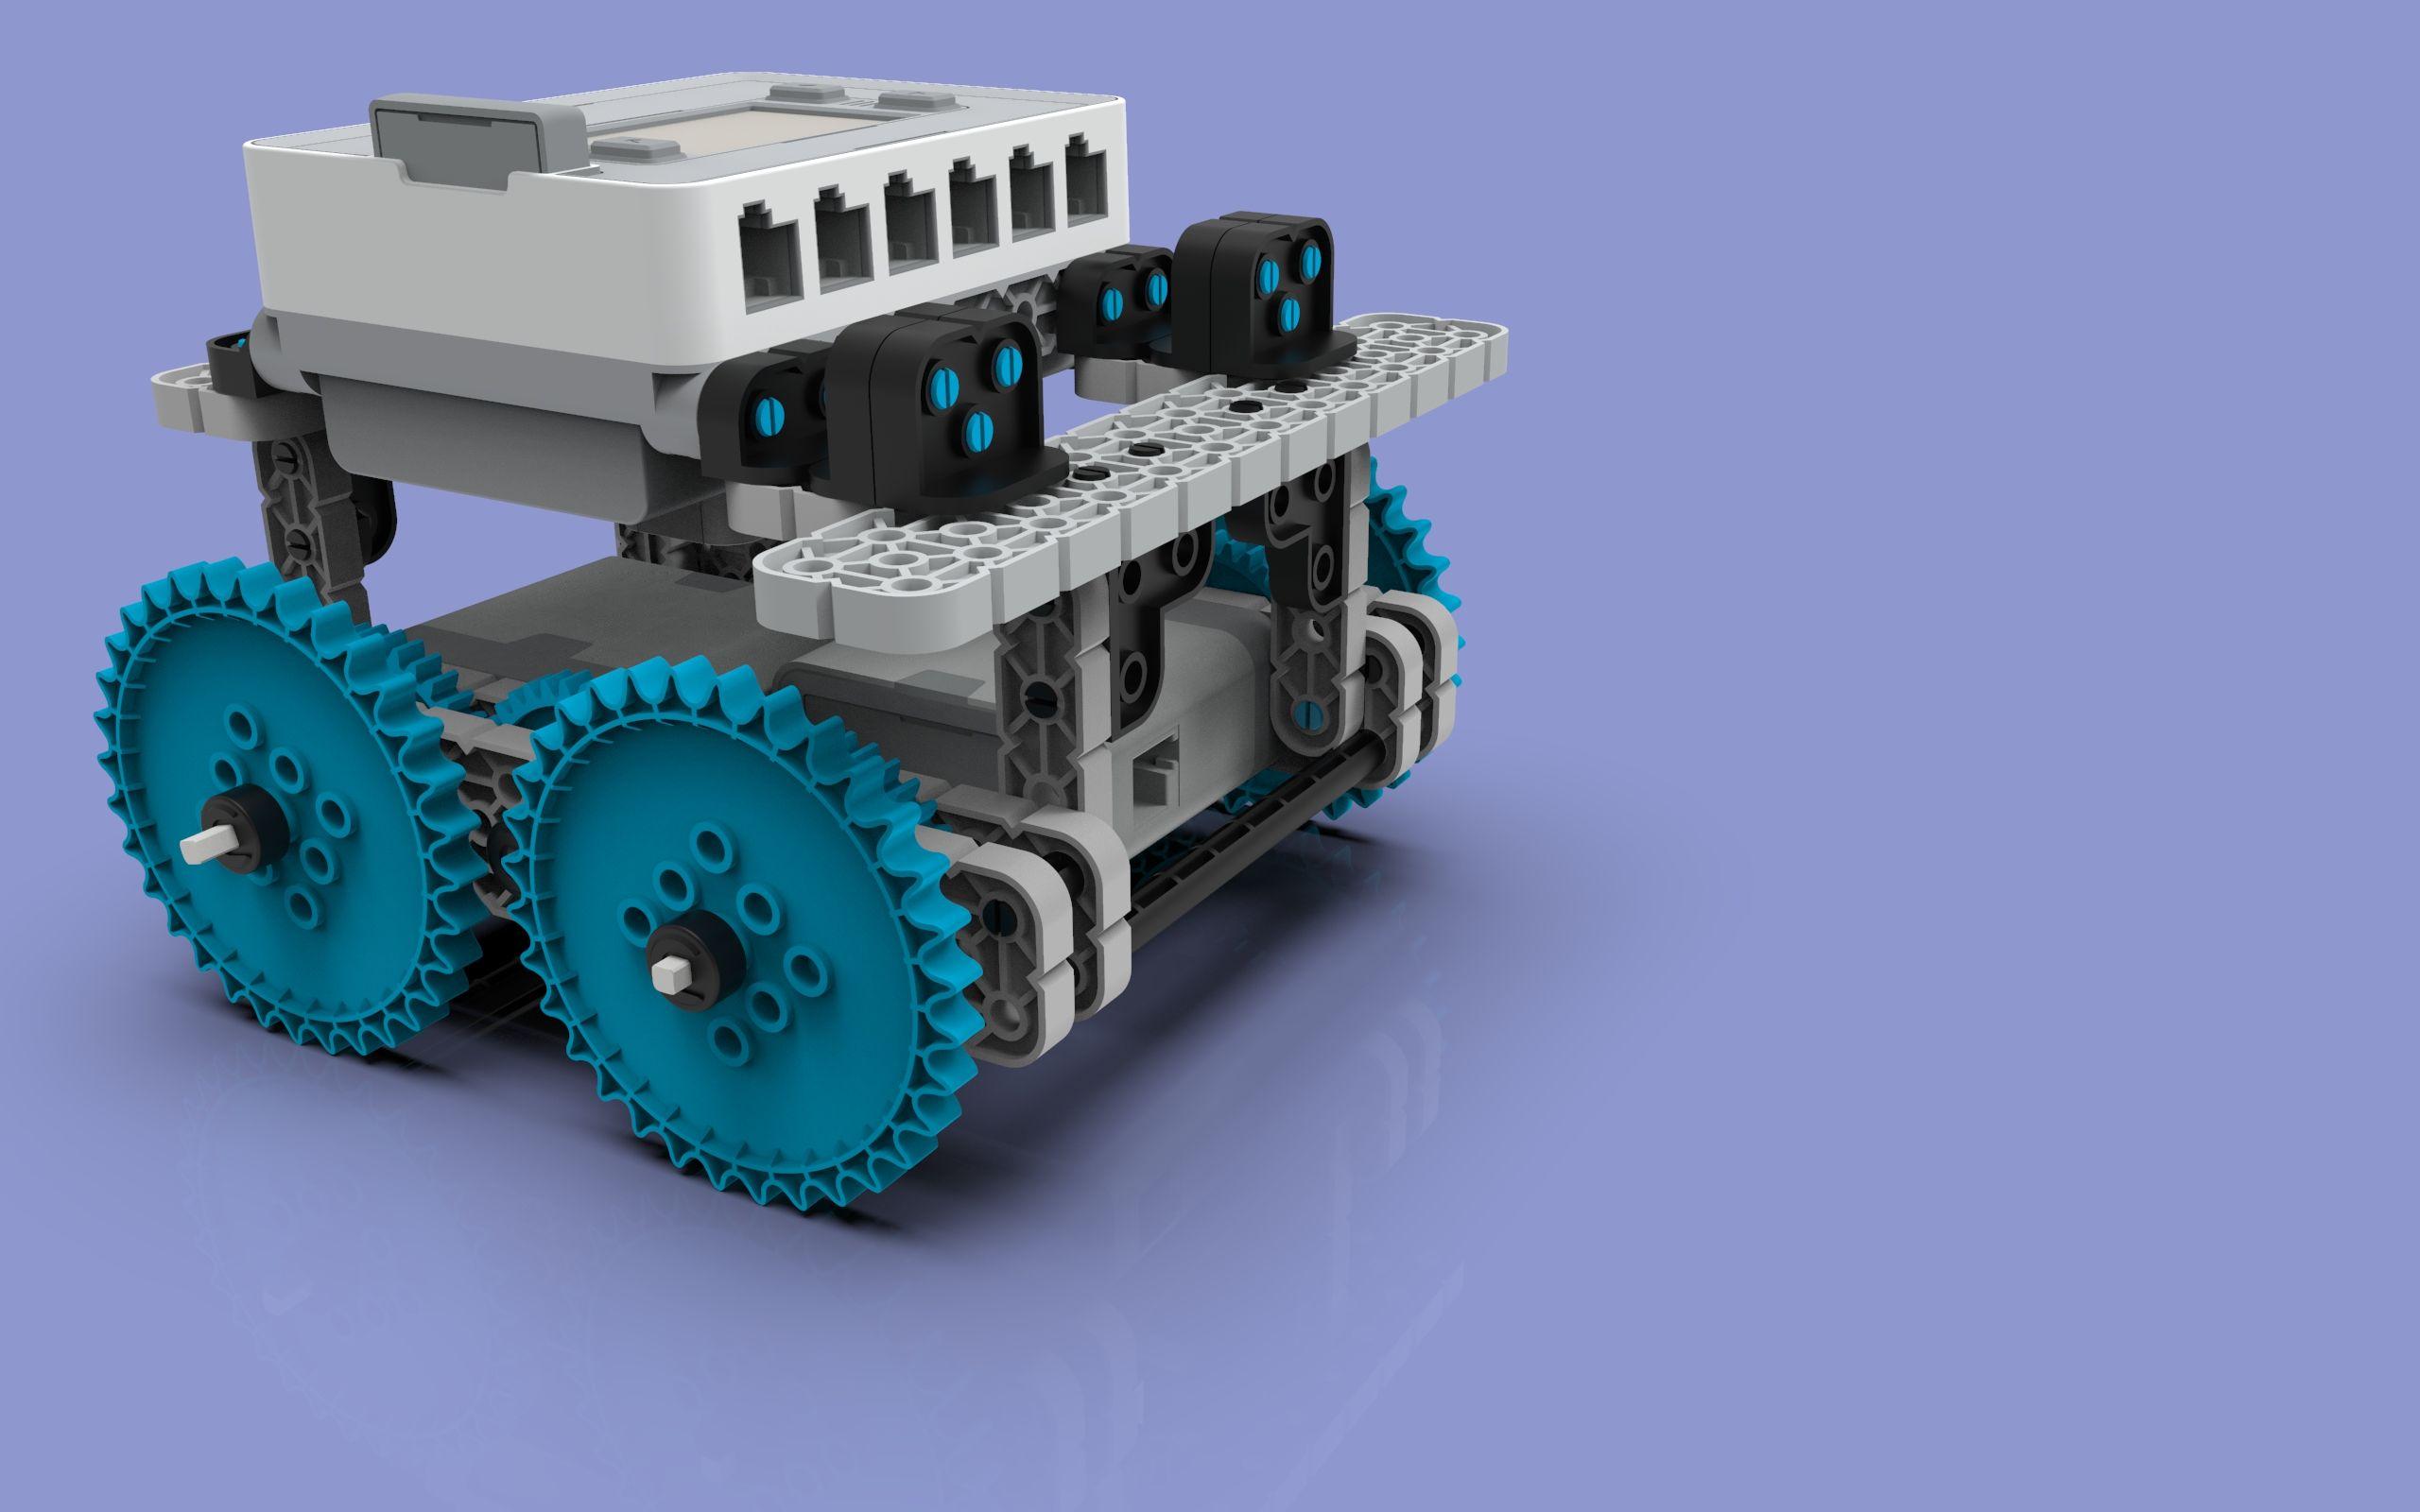 Vex-iq-robot-move1--550344-3500-3500